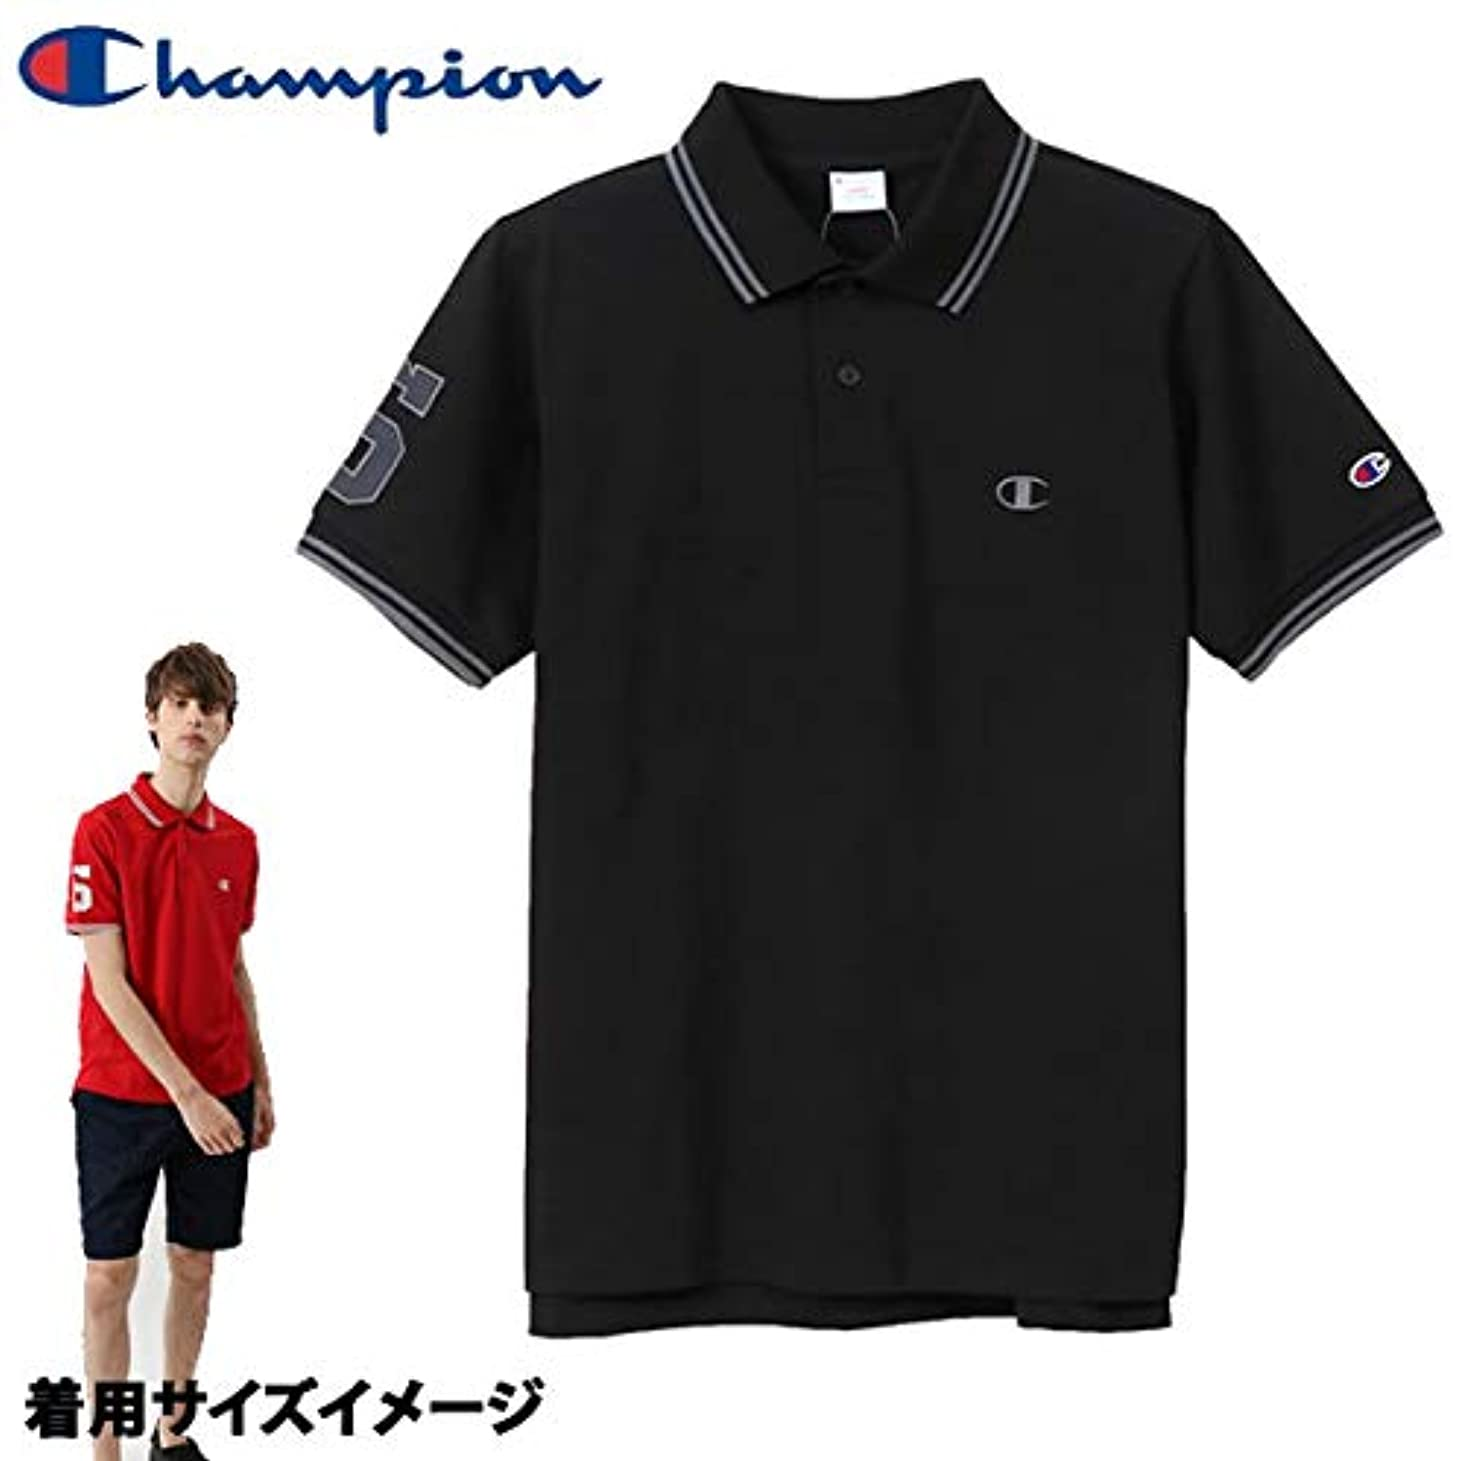 回想波チラチラするCHAMPION チャンピオン CHAMPION メンズ ポロシャツ C3-P342 ブラック 090 POLO CAMPUS キャンパスシリーズ 日本正規品